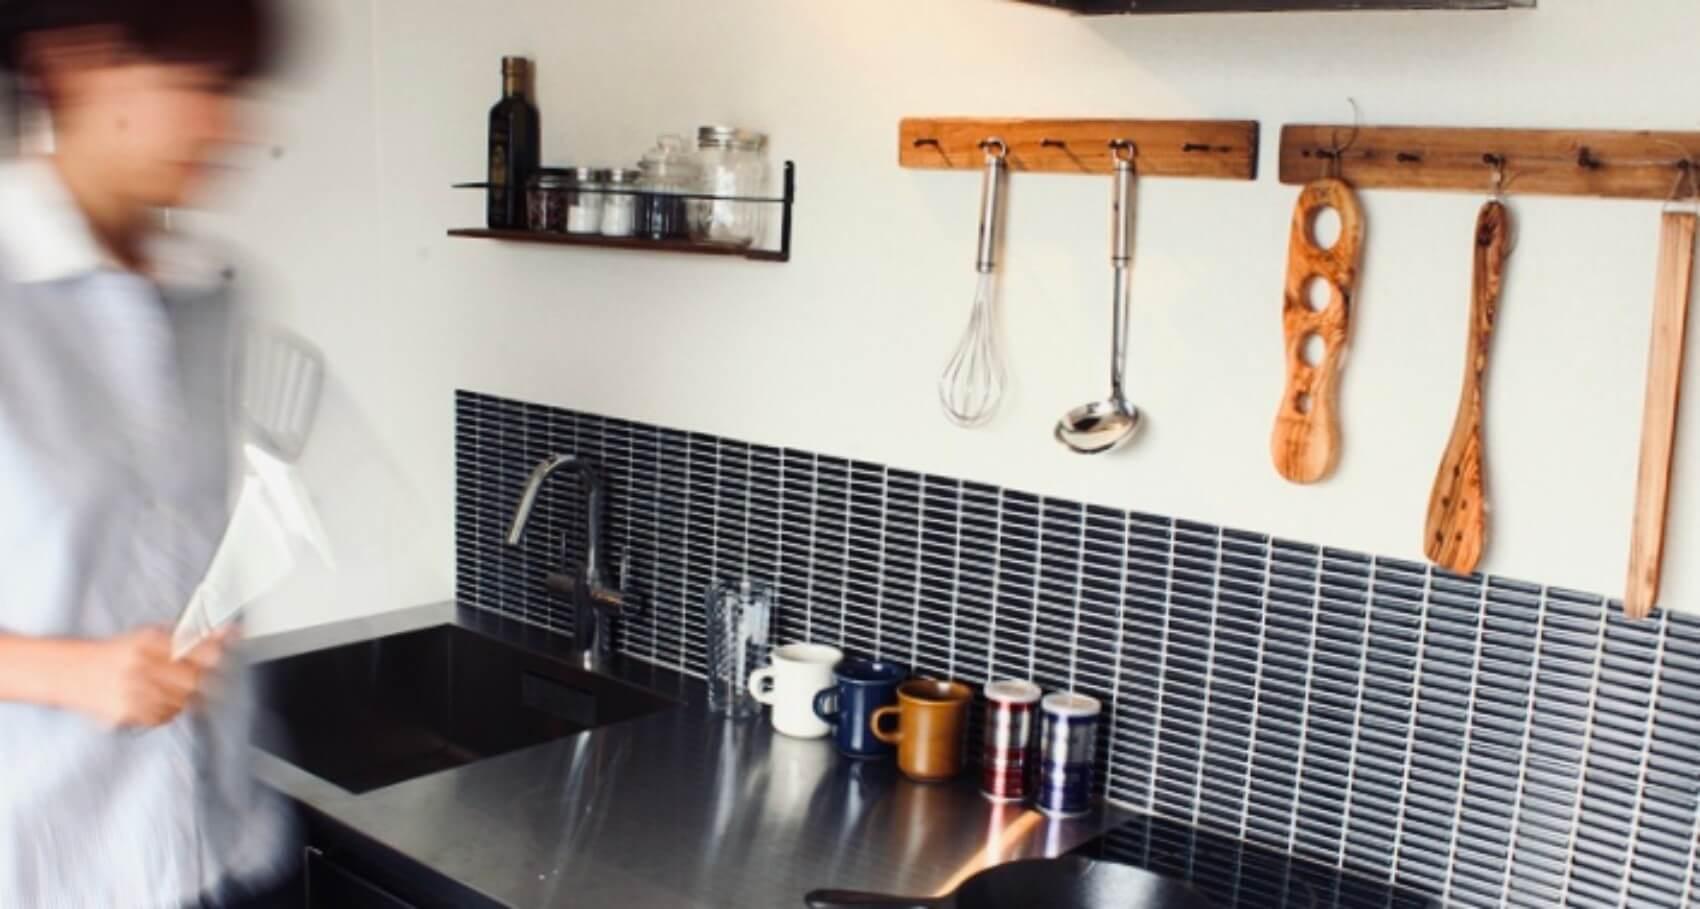 ついに、貼って剥がせる『DIYタイル』も登場!キッチンや洗面台まわりが一気に華やかになりますよ(このアイテムはこちら)